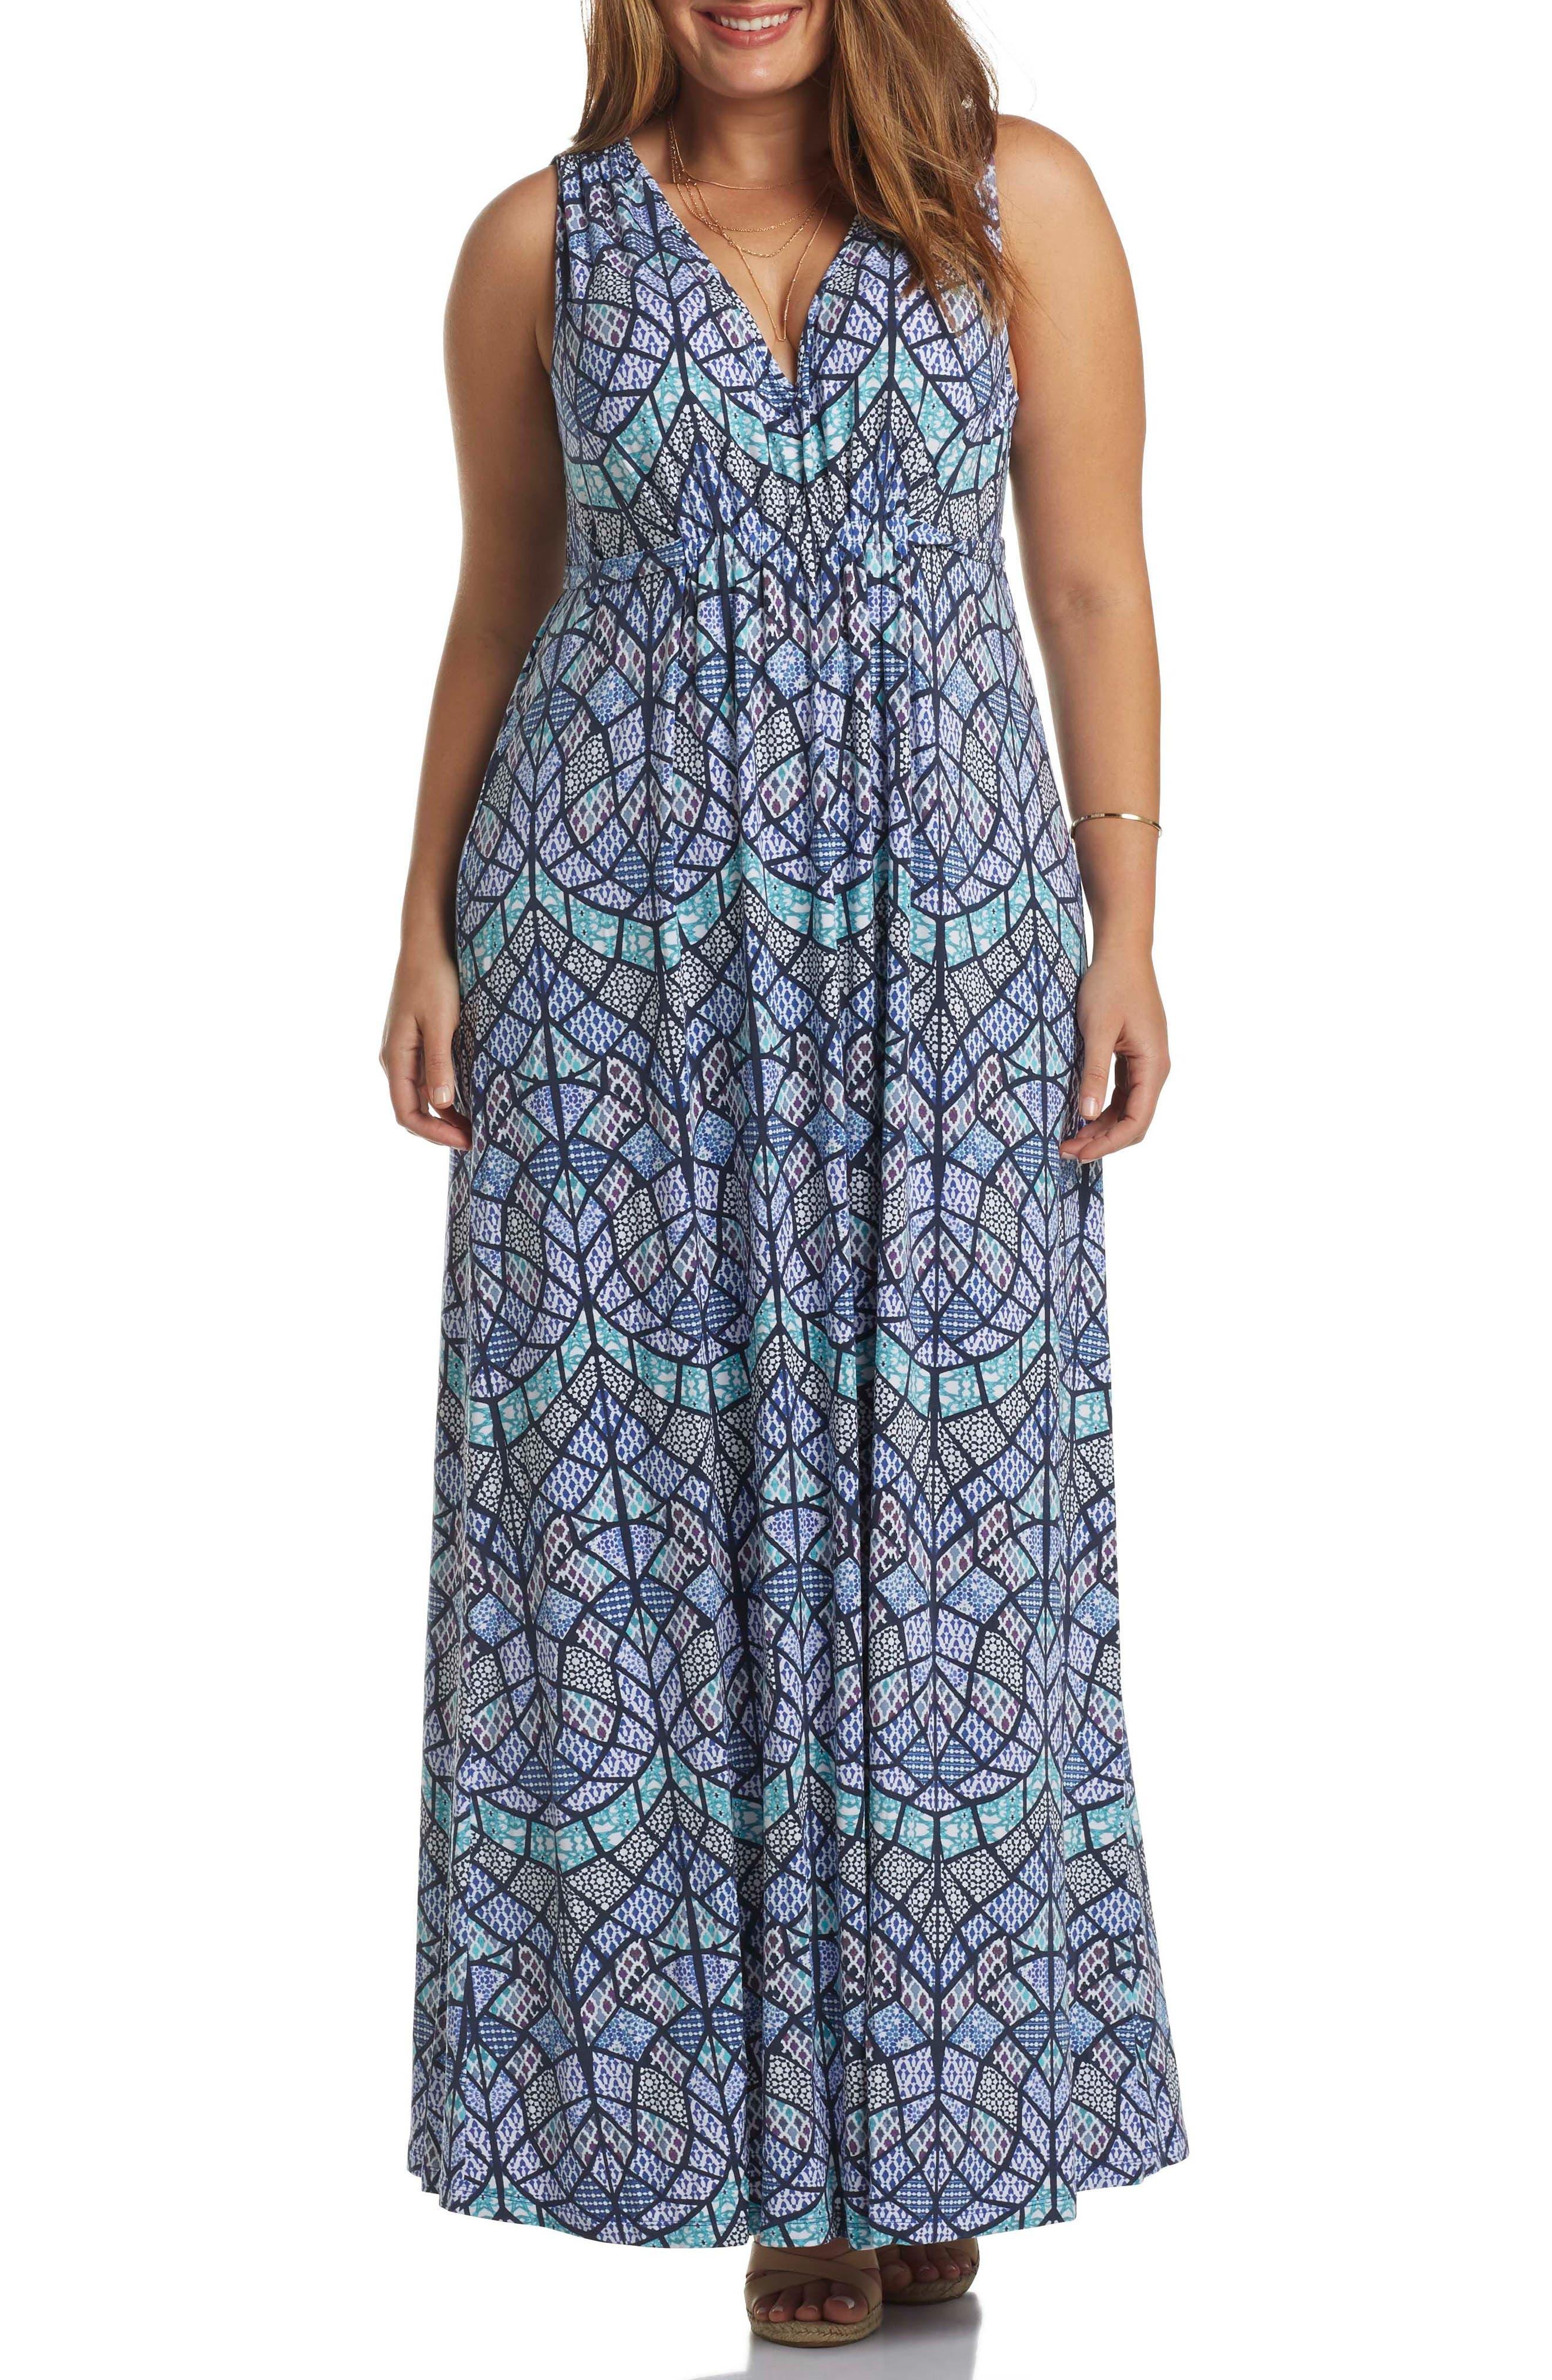 Grecia Sleeveless Jersey Maxi Dress,                             Main thumbnail 9, color,